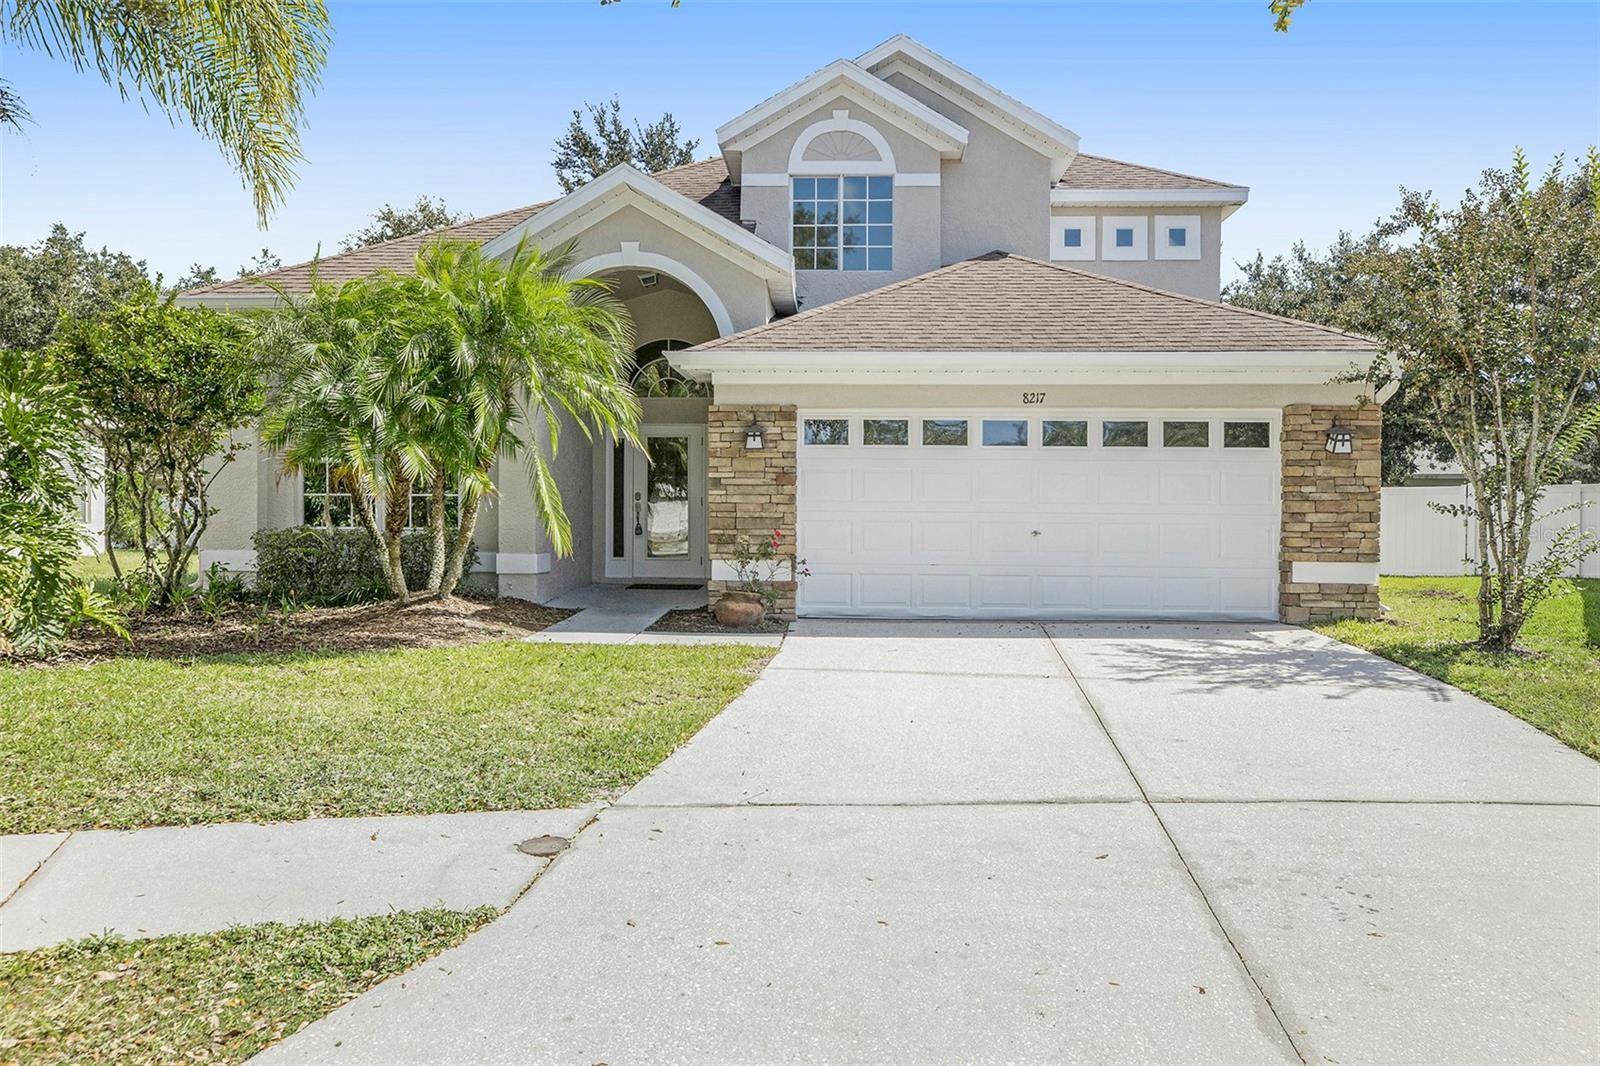 8217 WHISTLING PINE WAY, Tampa, FL 33647 - MLS#: T3334038